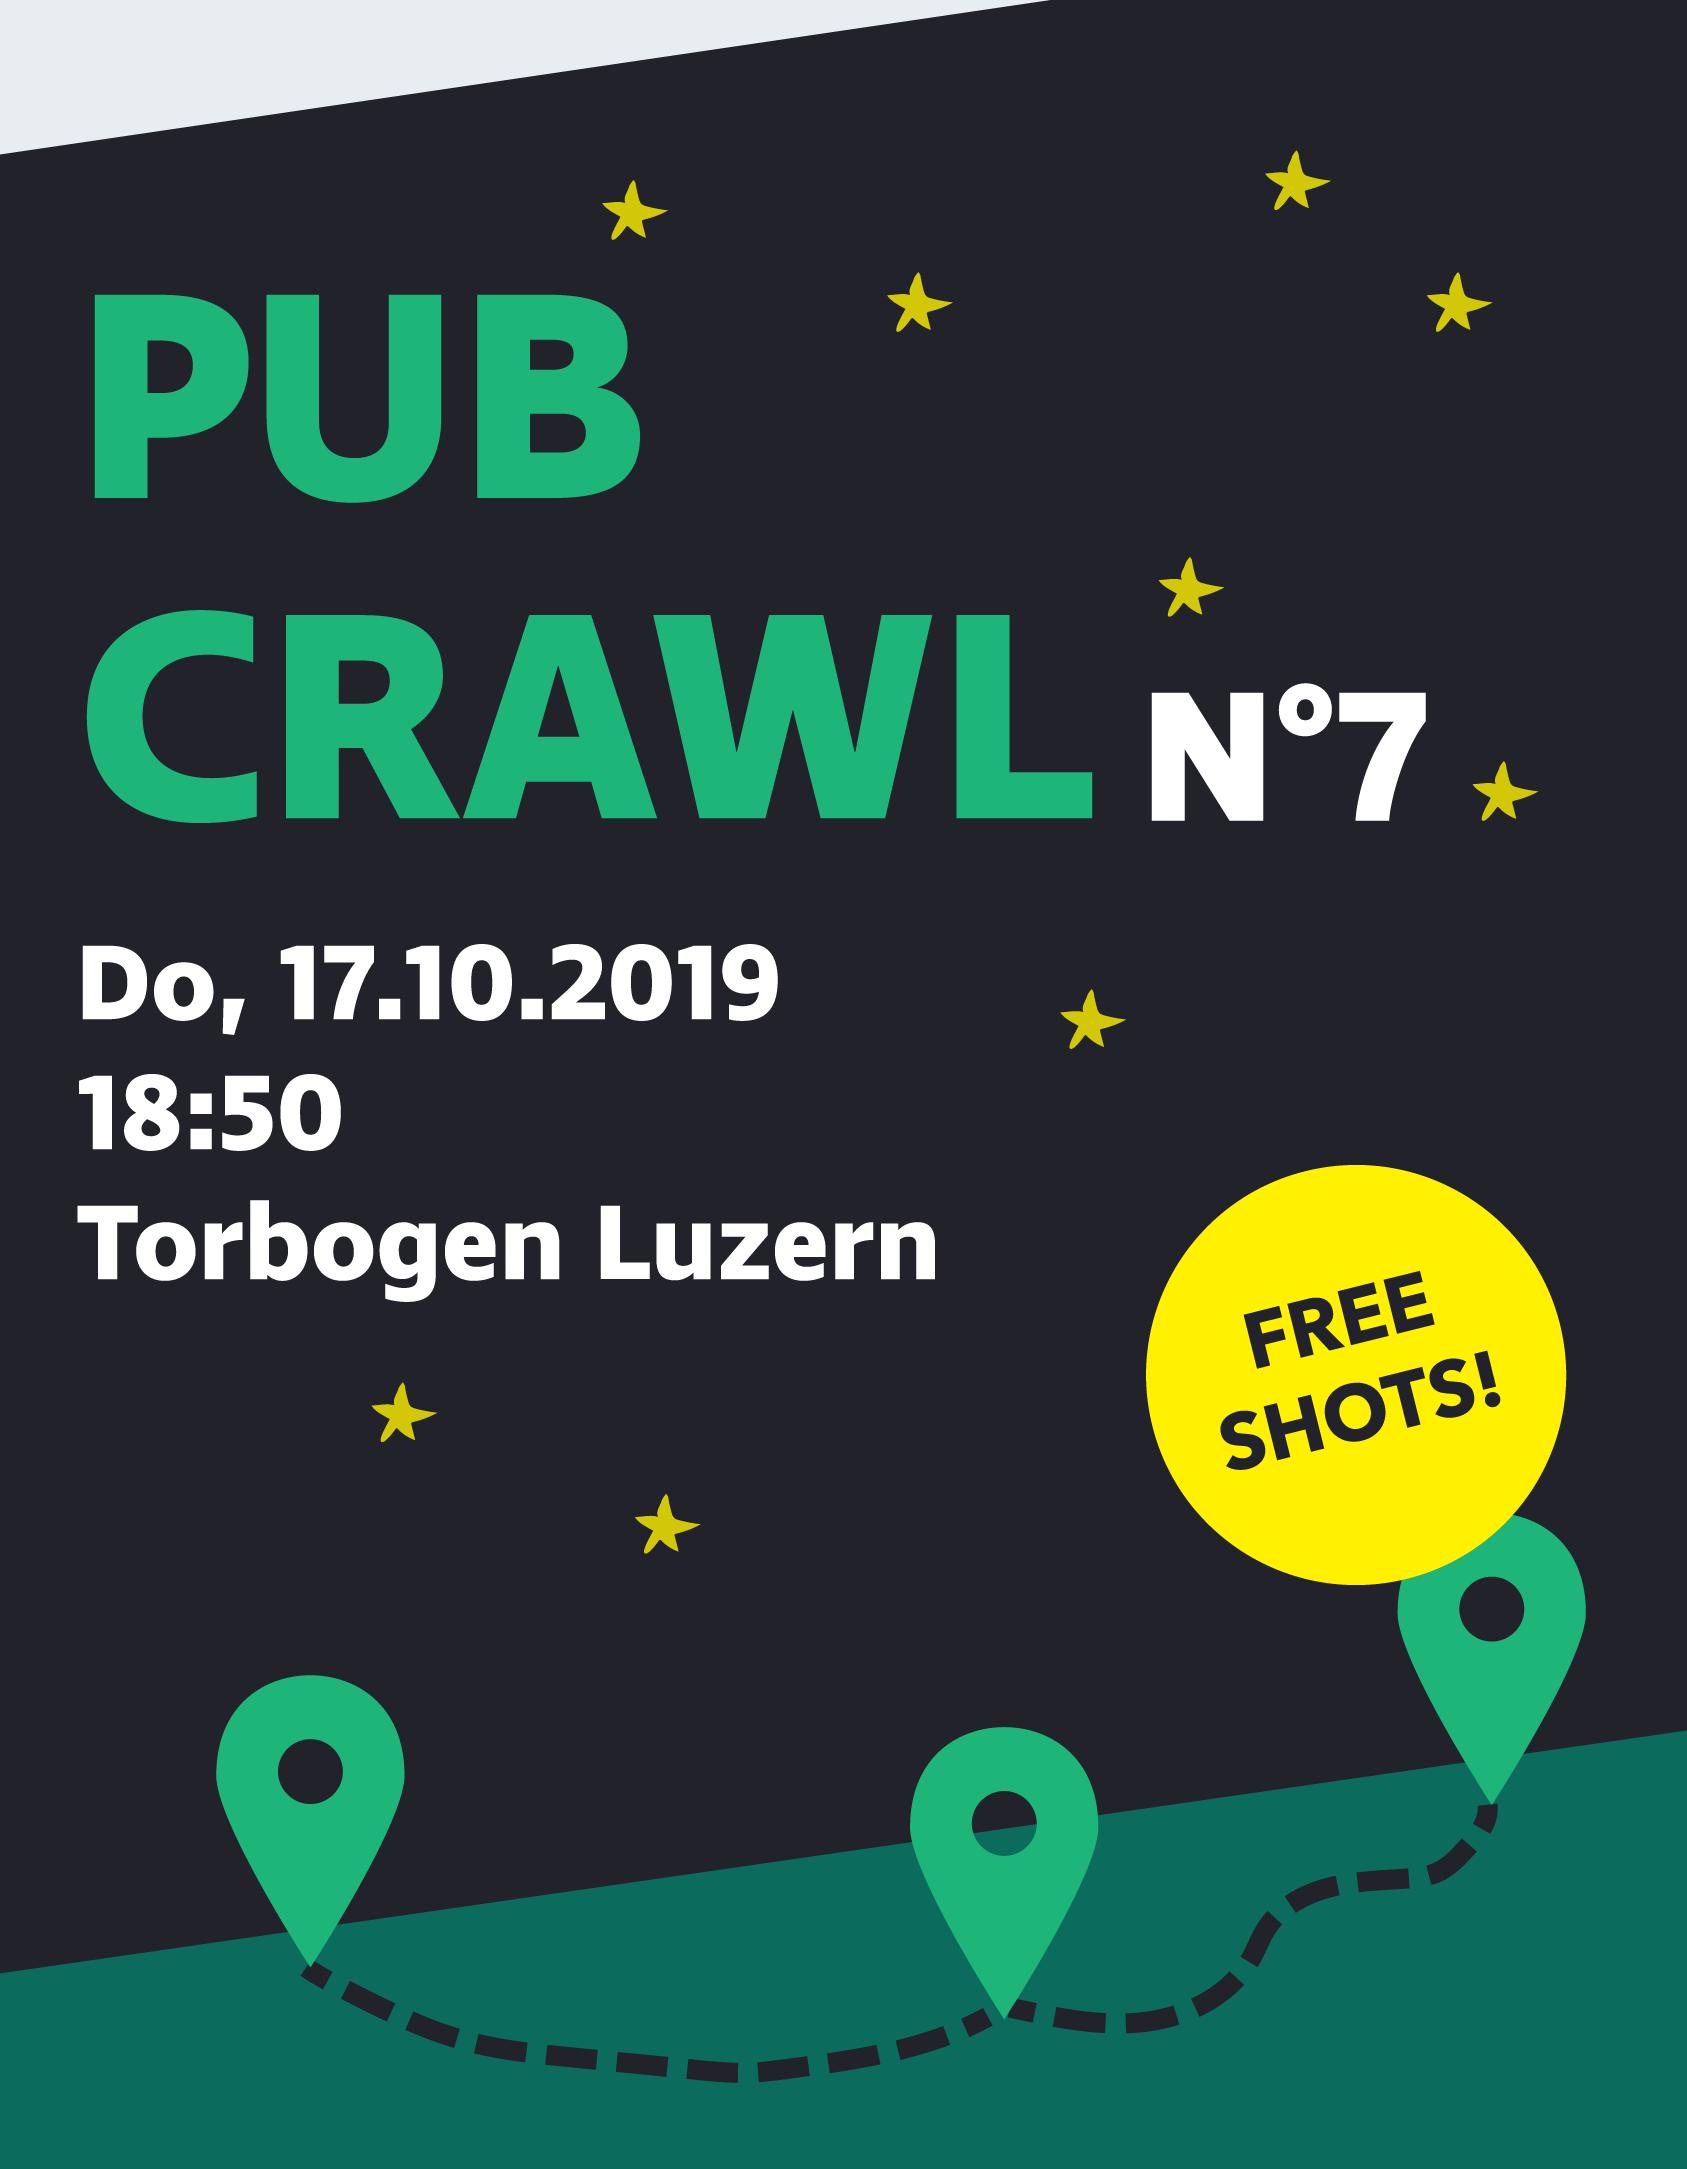 Pub Crawl #7